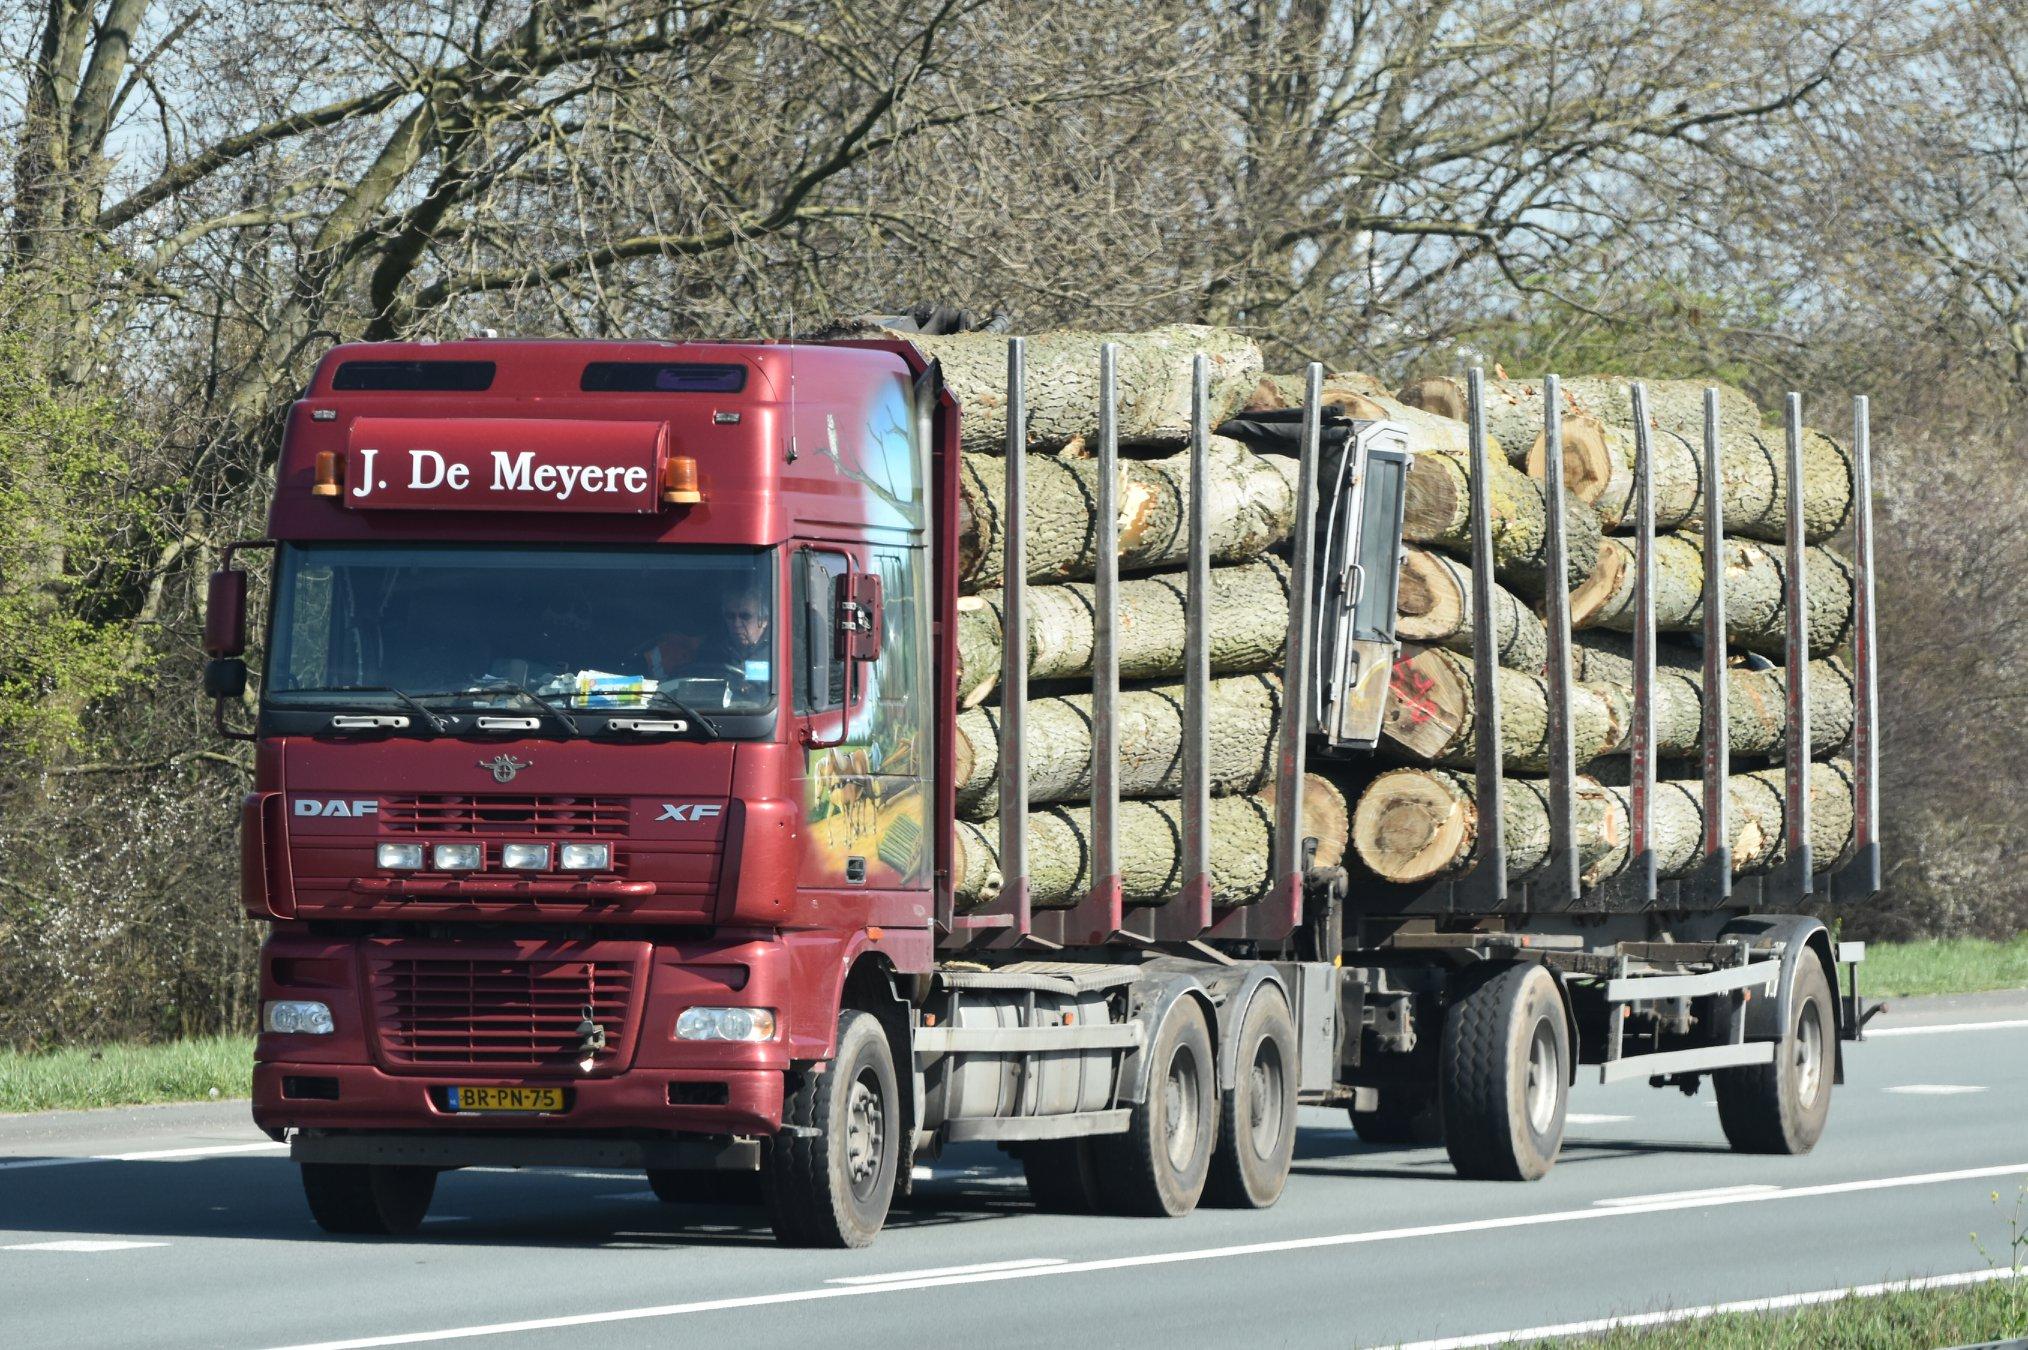 DAF-XF-J-De-Meyere-